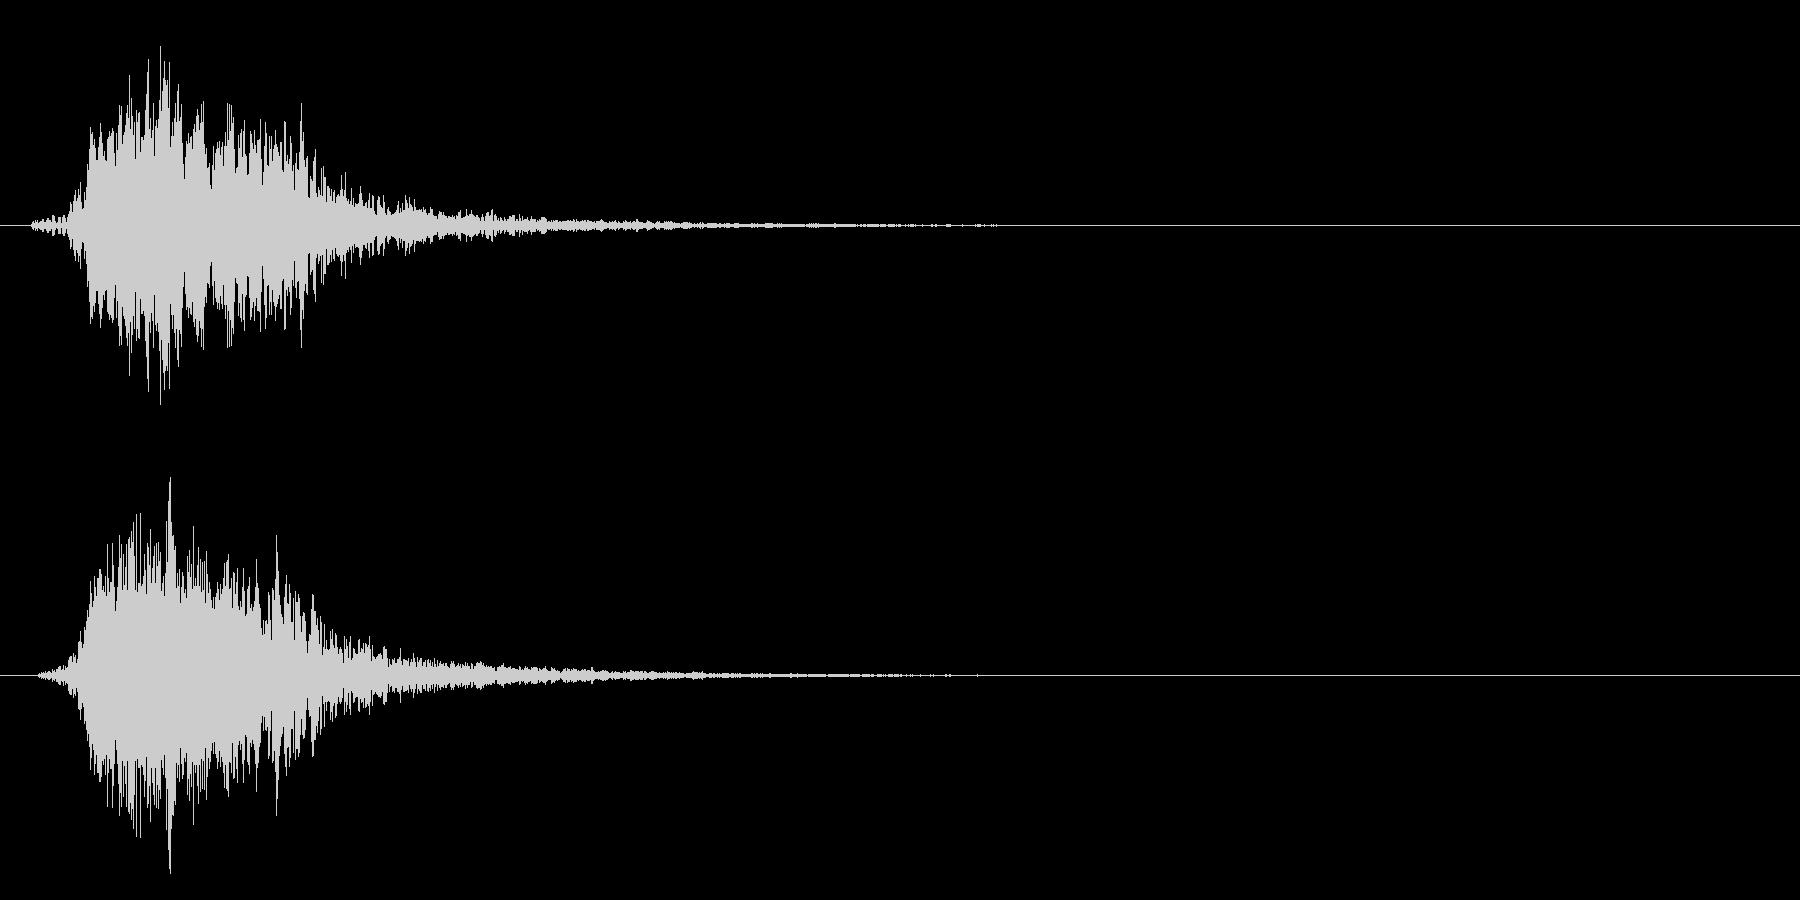 シャキーン!剣や刀、必殺技、インパクト1の未再生の波形